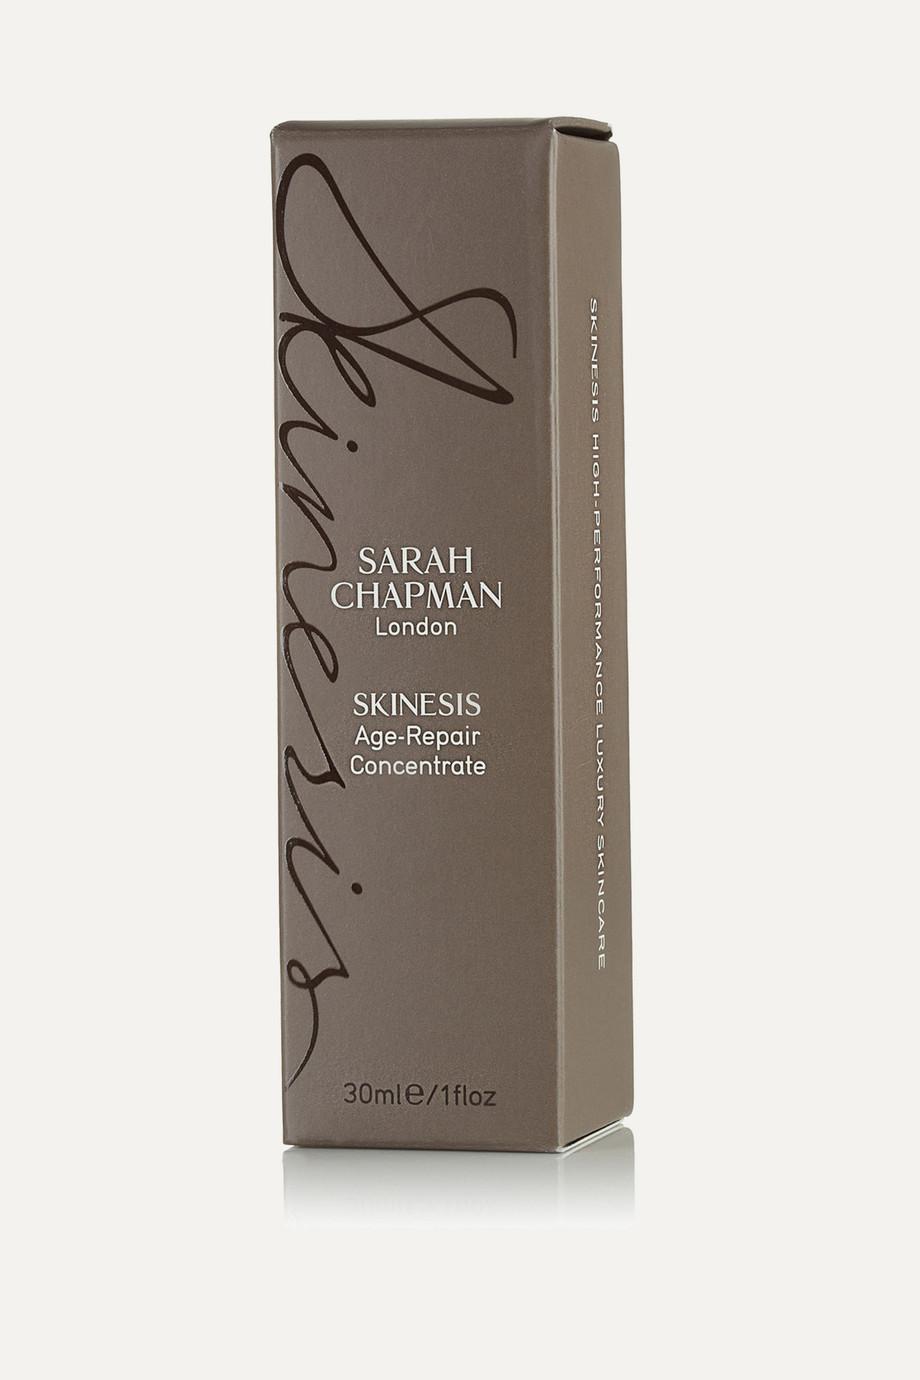 Sarah Chapman Skinesis Age-Repair Concentrate, 30 ml – Serum